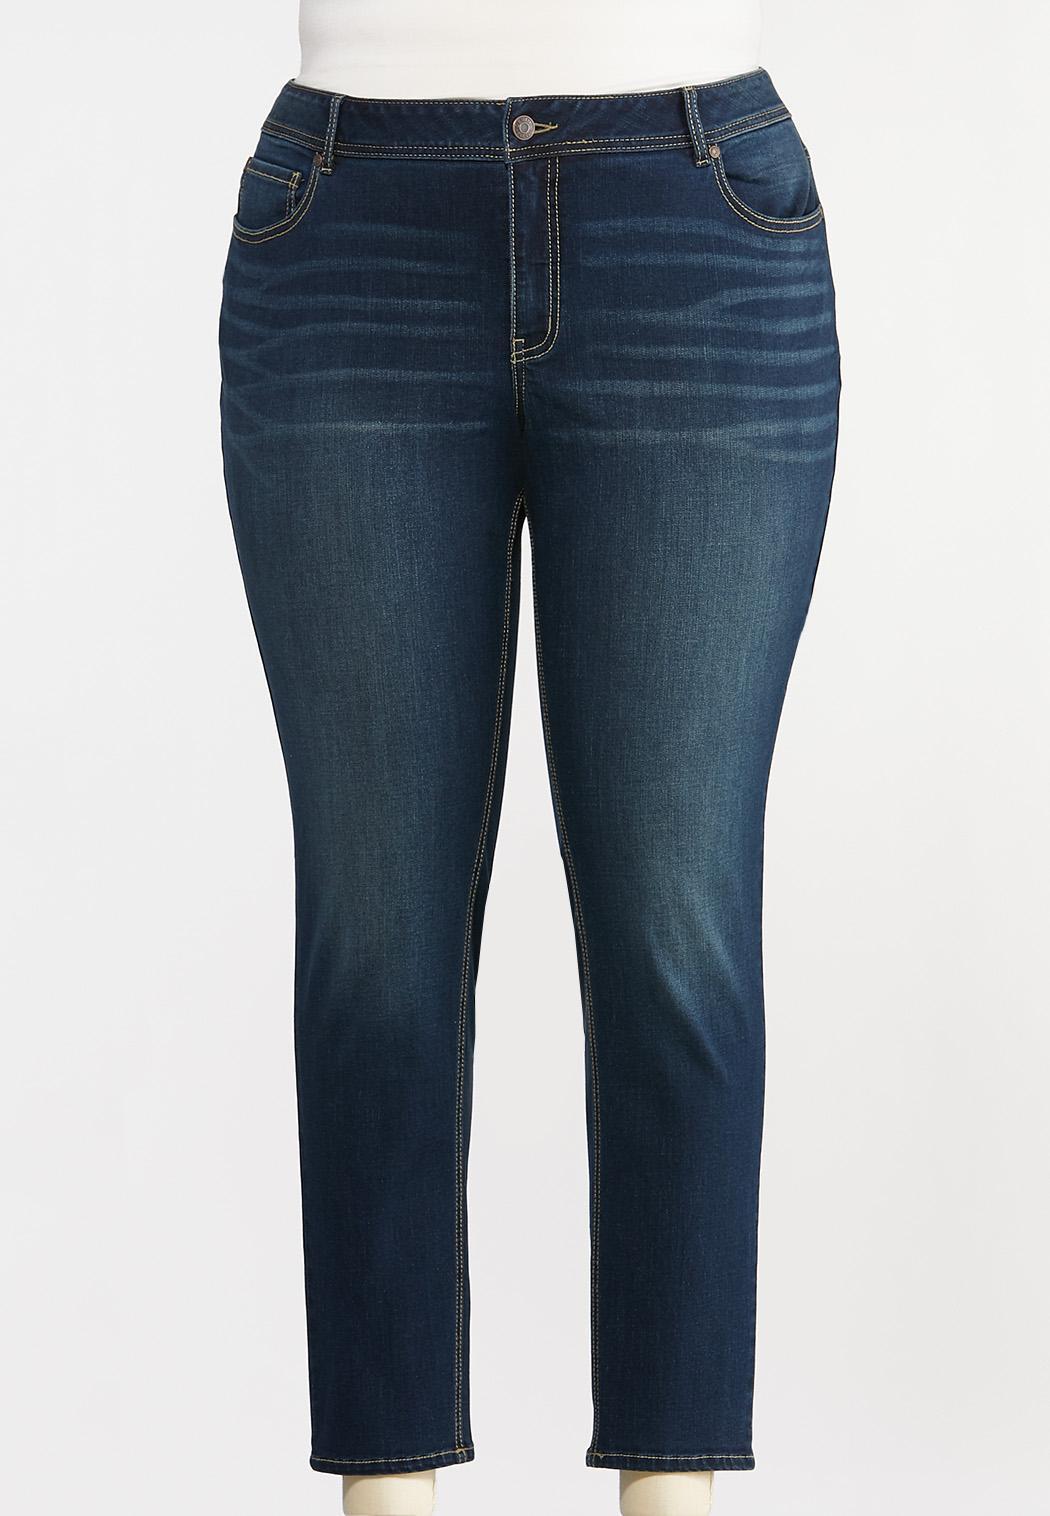 Plus Size Curvy Skinny Jeans